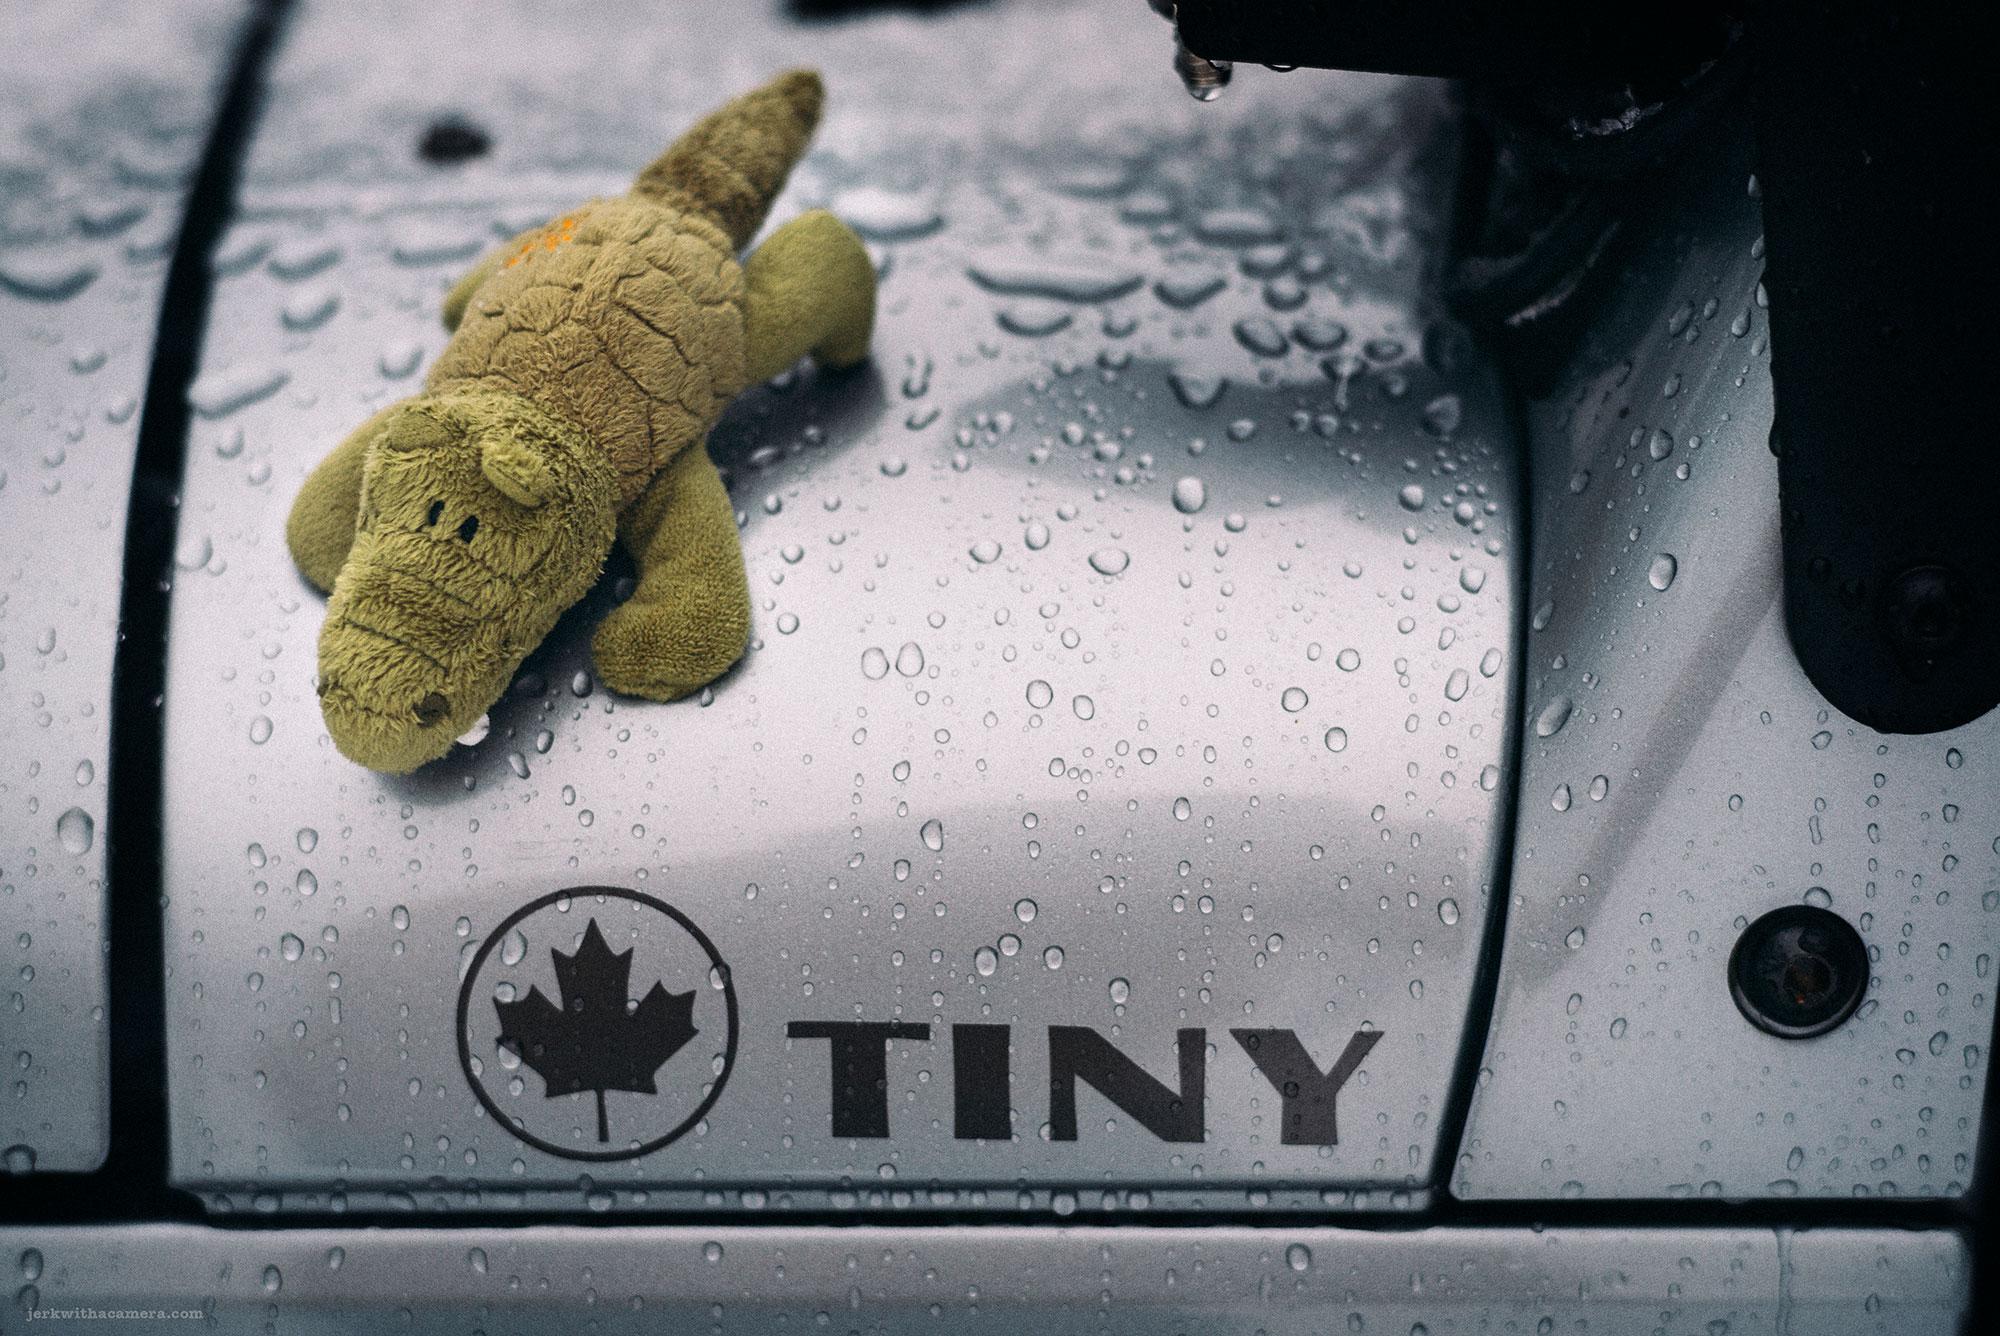 Tiny has a mascot!